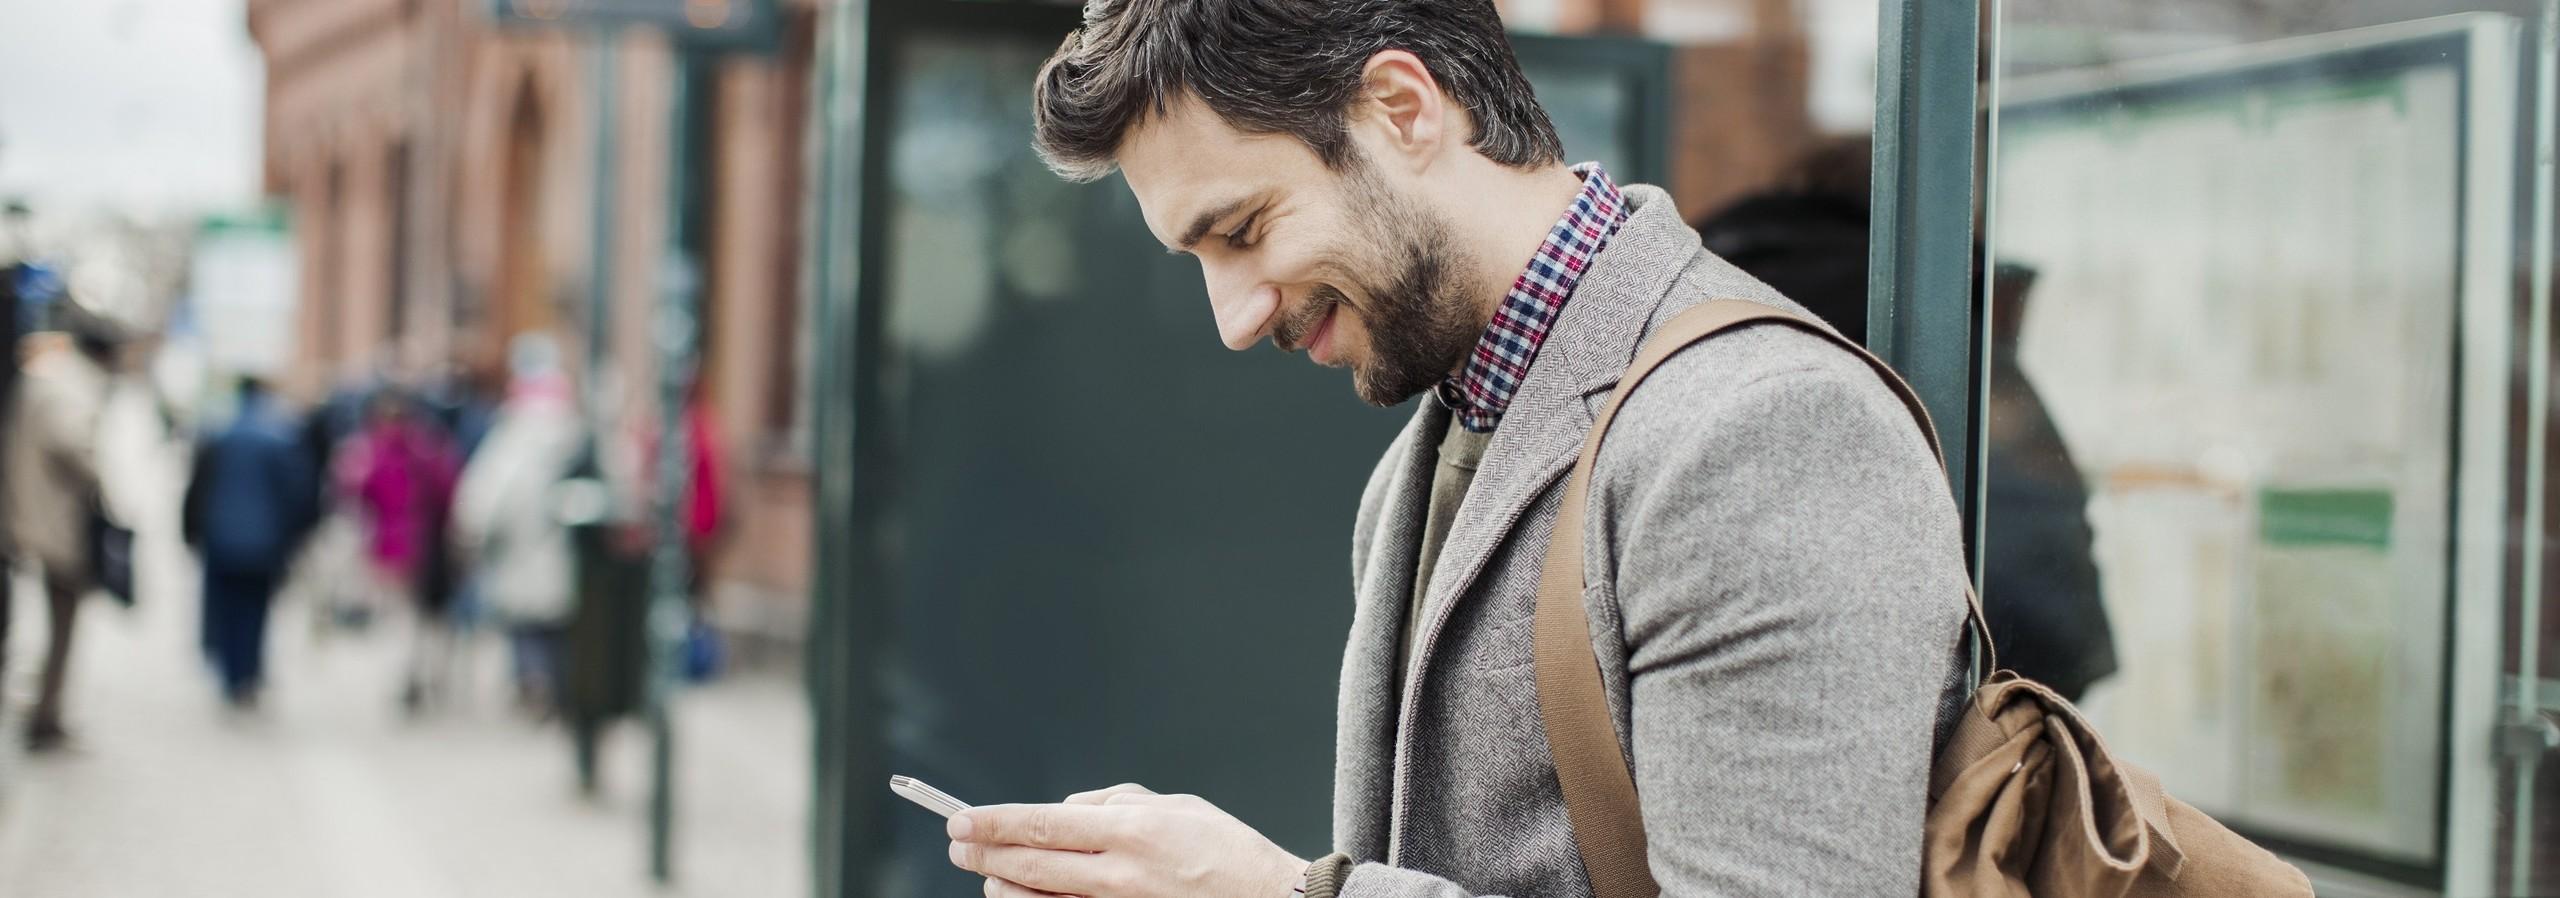 Mobile Datennutzung im Ausland